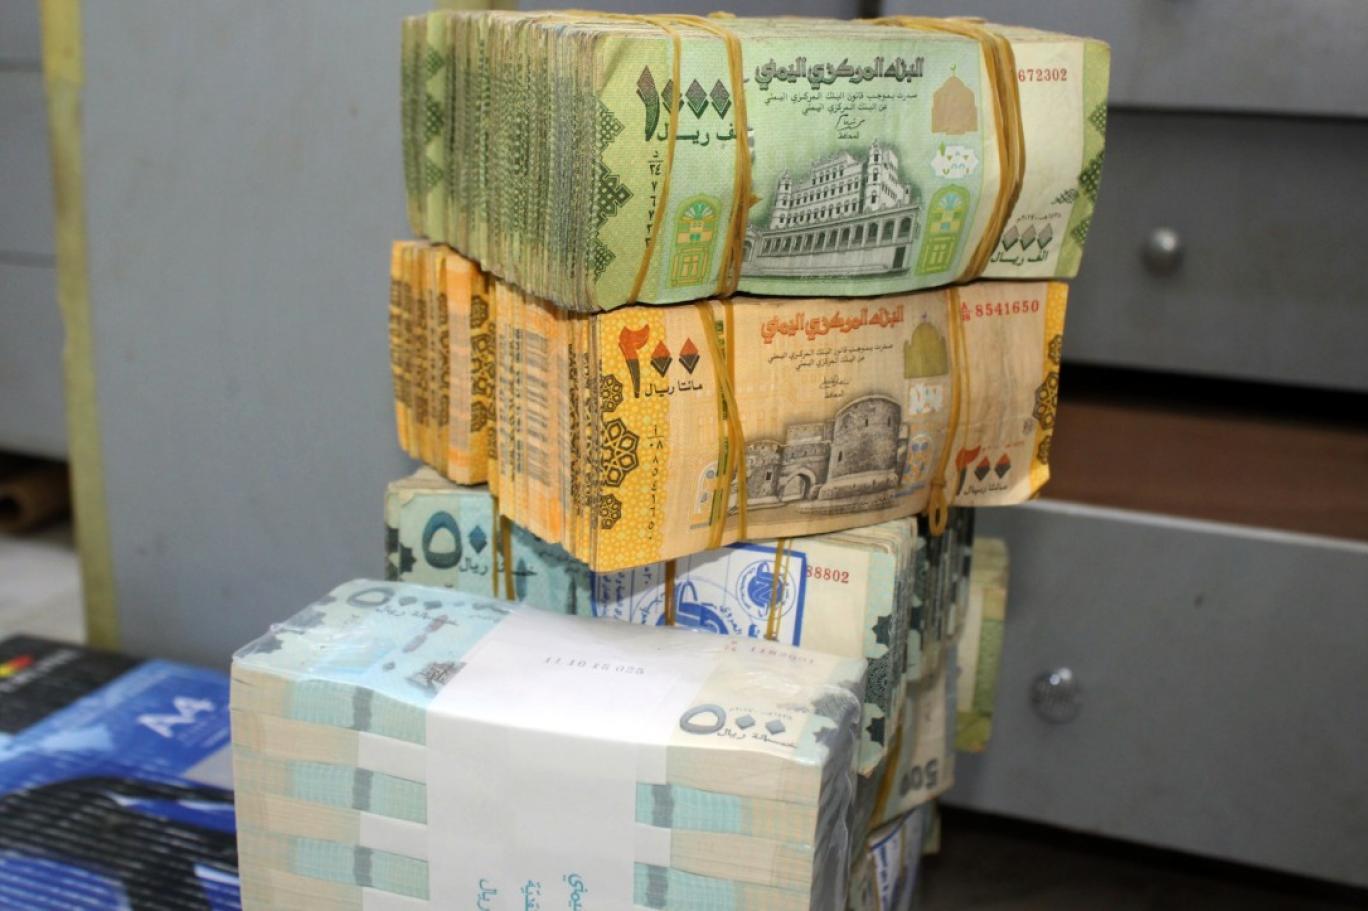 آخر تحديث مع إرتفاع جديد لأسعار الصرف في عدن مقابل استقرارها في صنعاء اليوم الإثنين